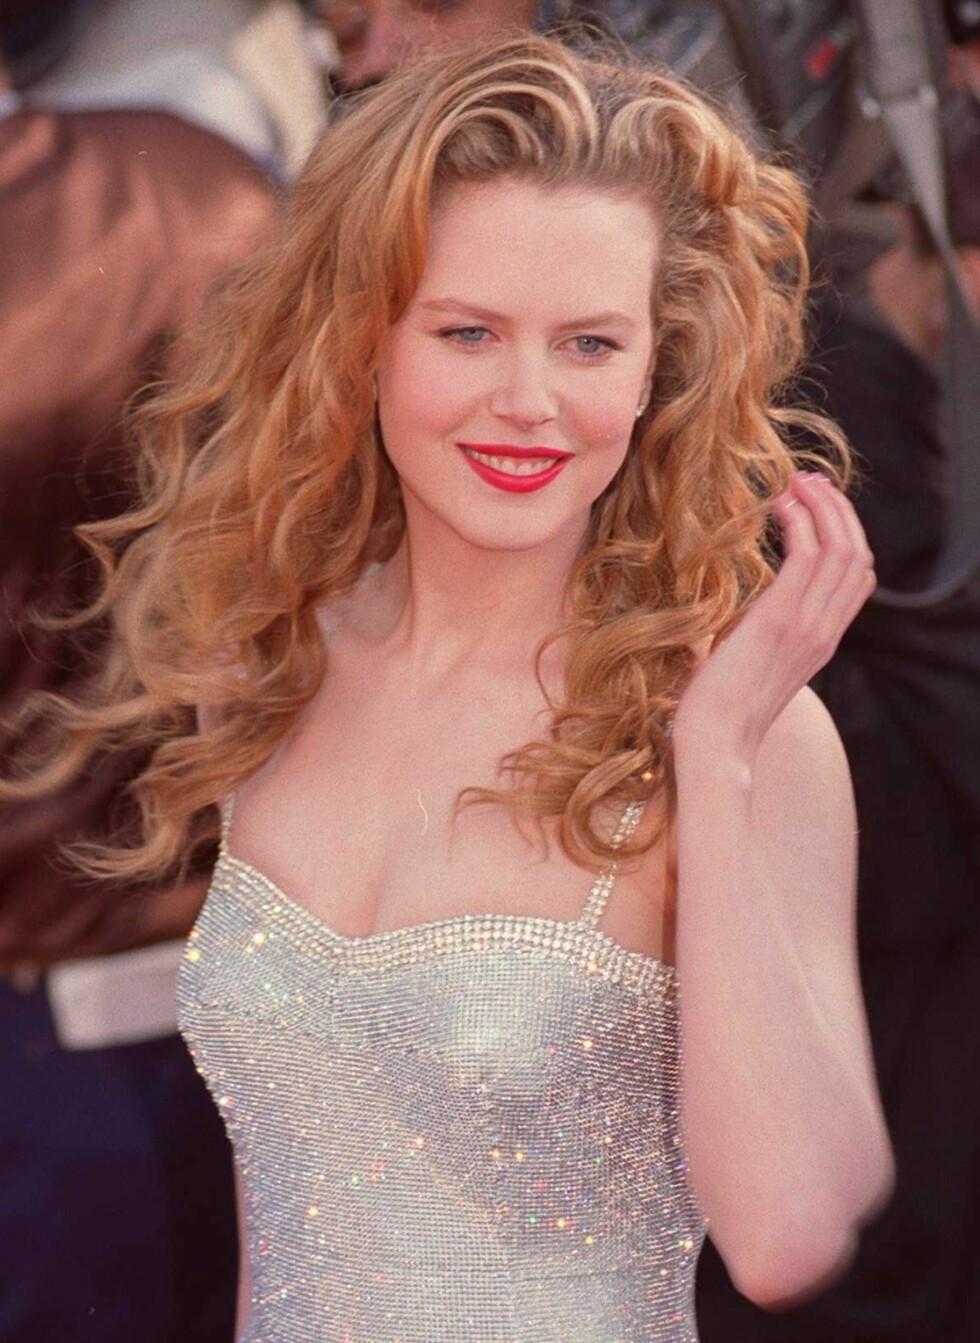 Ikke bare fikk hun spille i film OG gifte seg med tenåringshelten Tom Cruise. Nicole Kidman  hadde også de søteste og mest perfekte bølgene i håret. Og den helt rette schwungen på luggen.  Foto: All Over Press